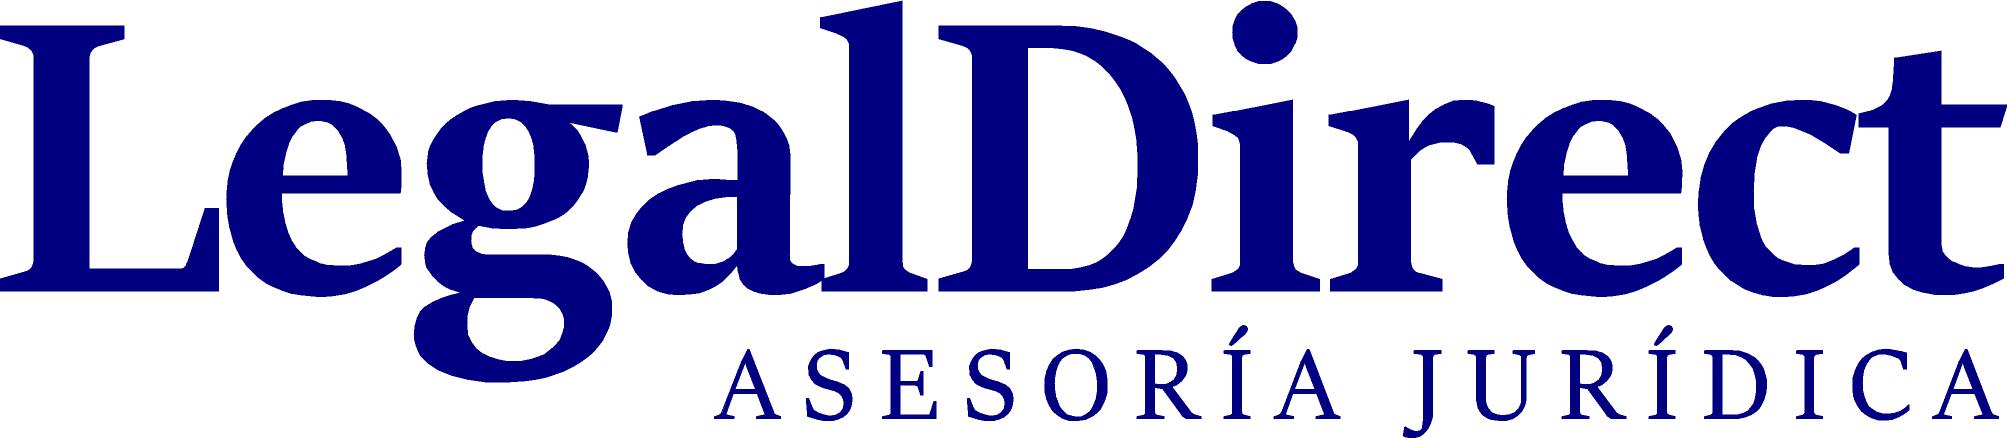 LegalDirect asesoría jurídica